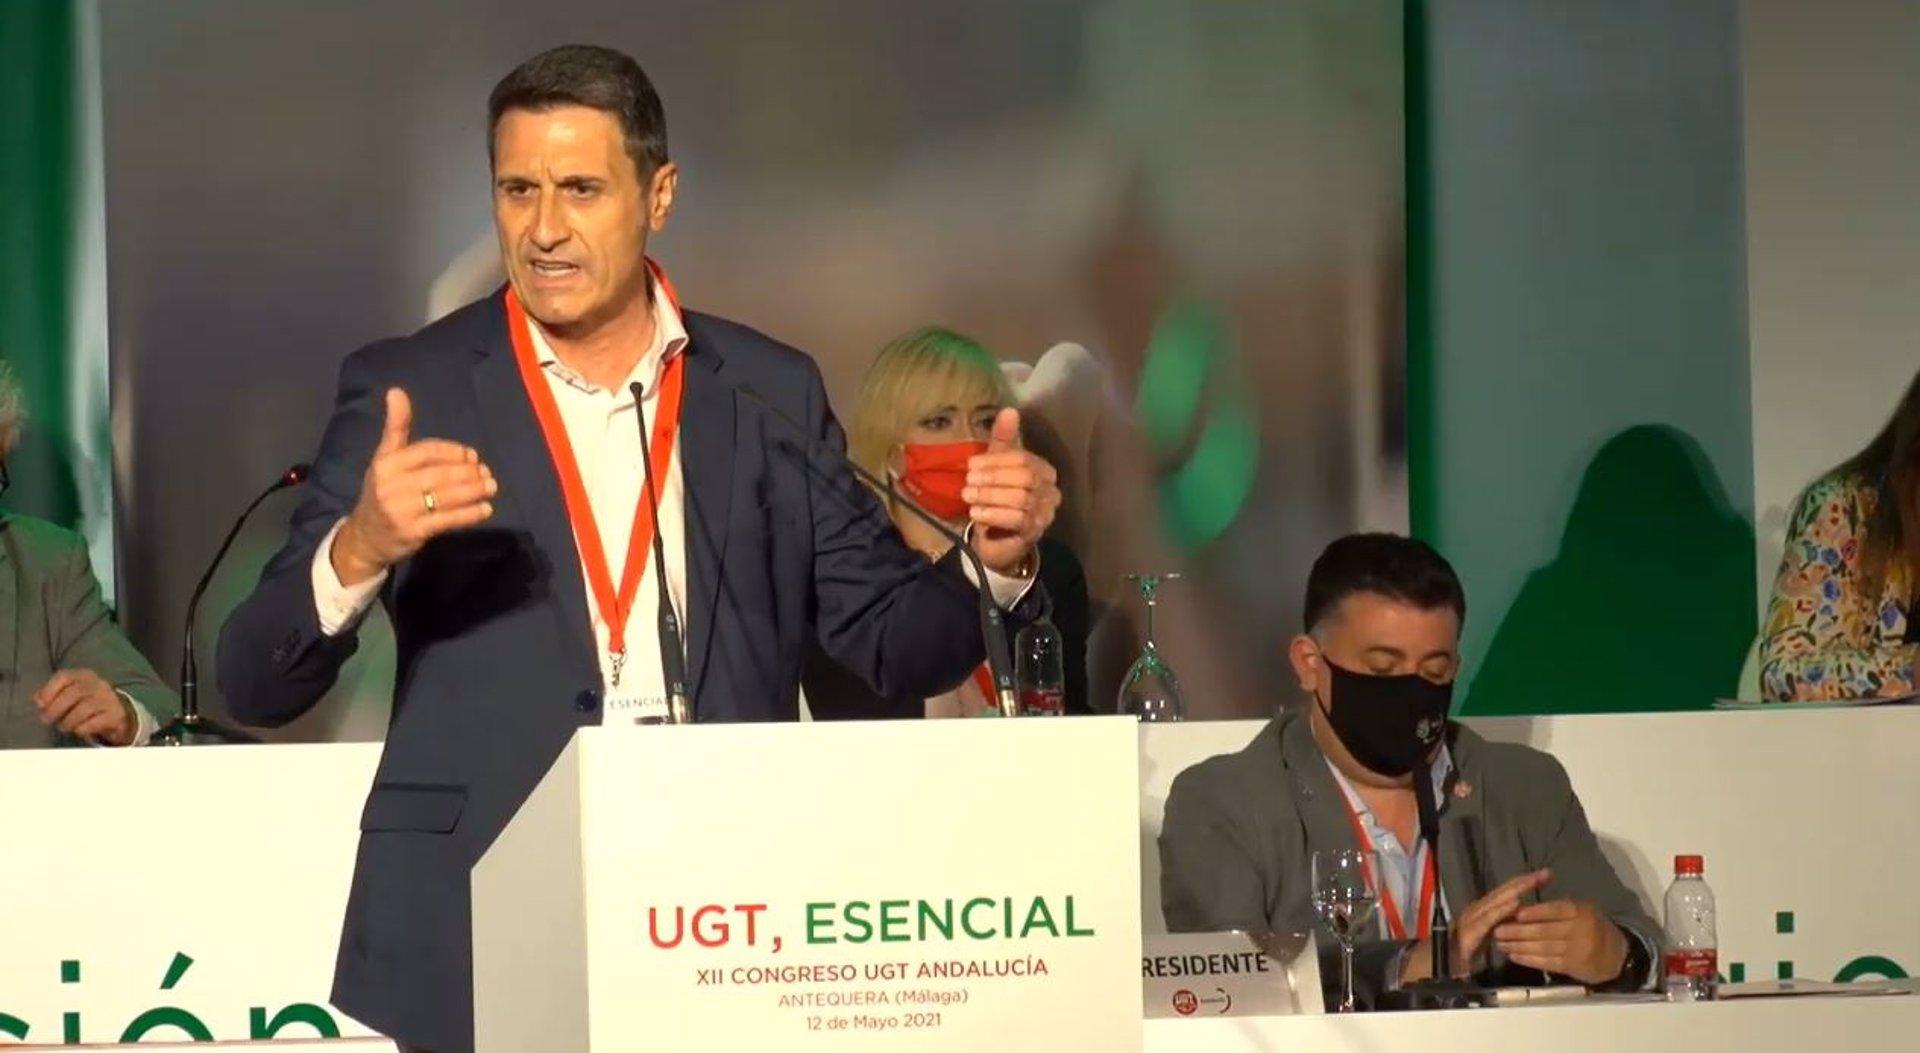 Delegado del Gobierno en Andalucía insta a atajar conjuntamente la crisis sanitaria que daña «la salud humana y social»